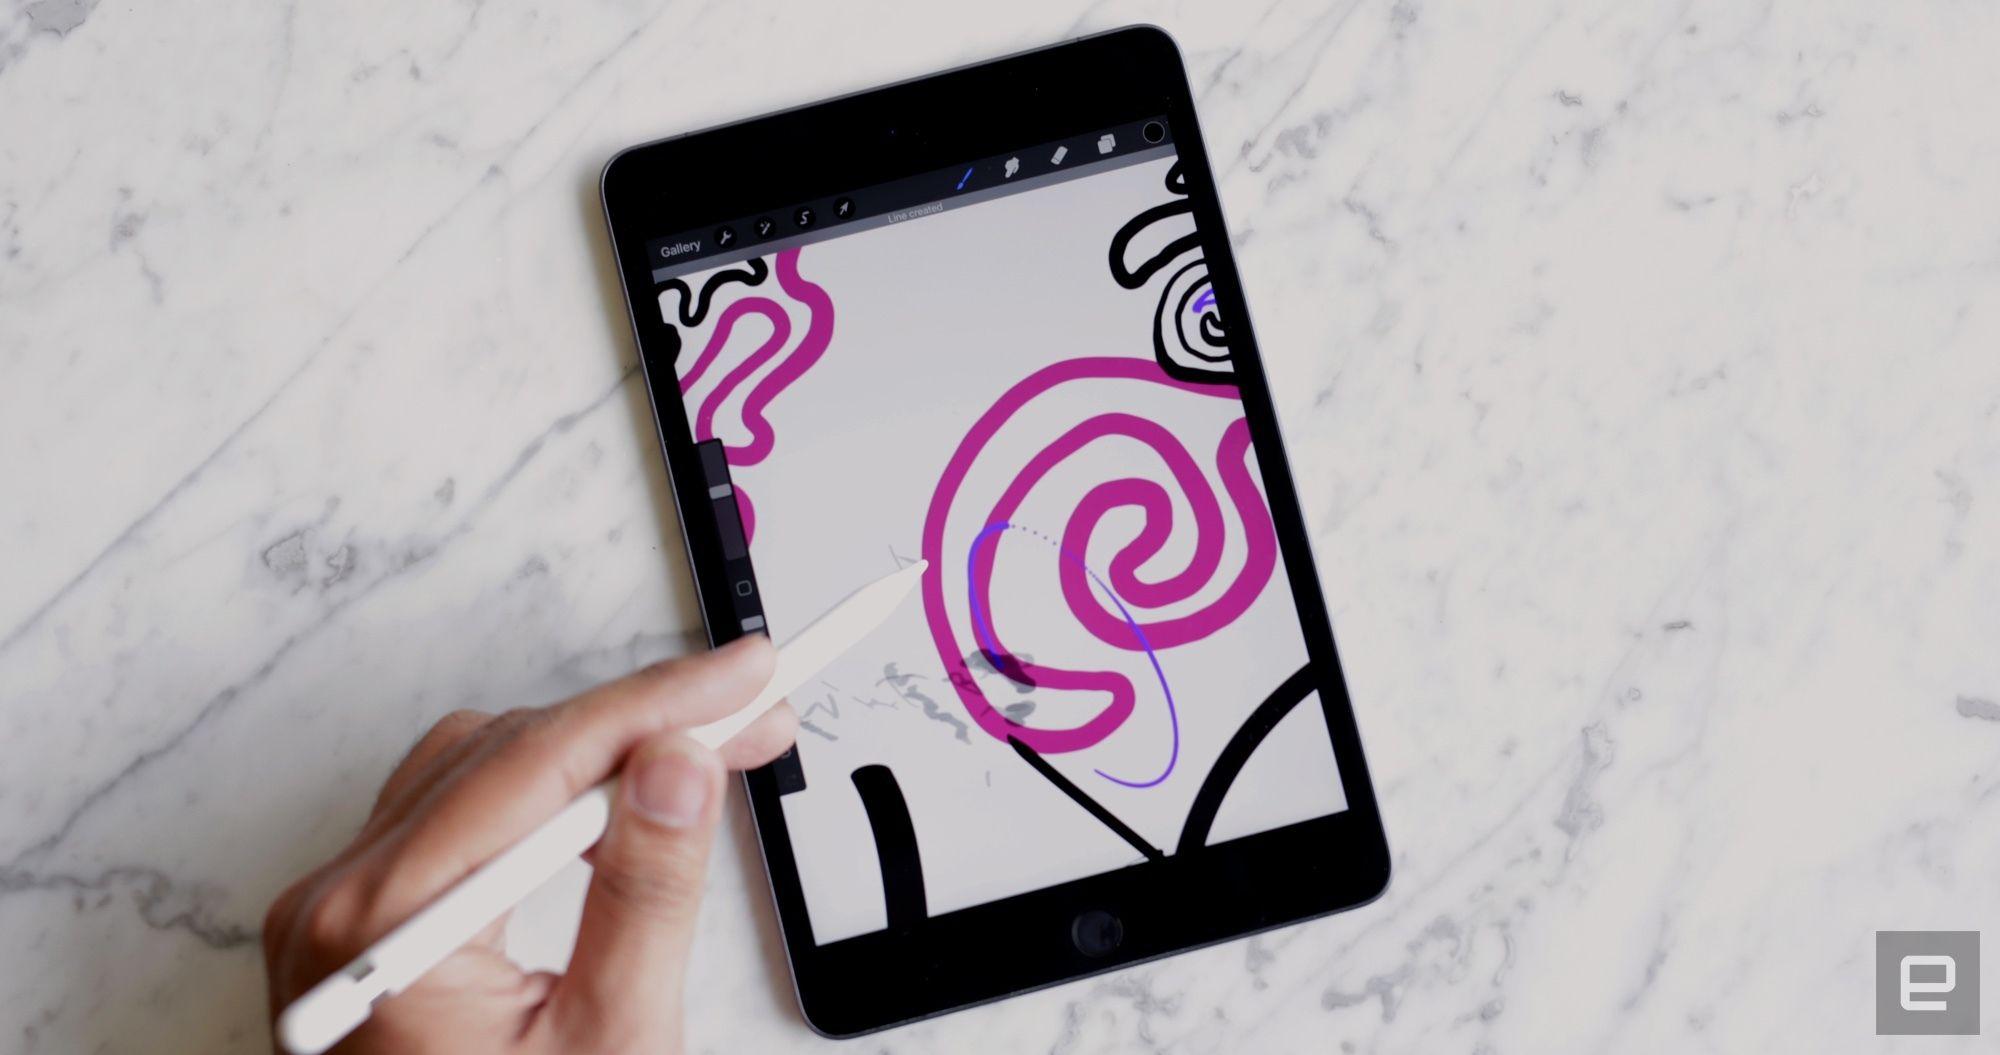 Apple's iPad mini drops to $345 at Amazon